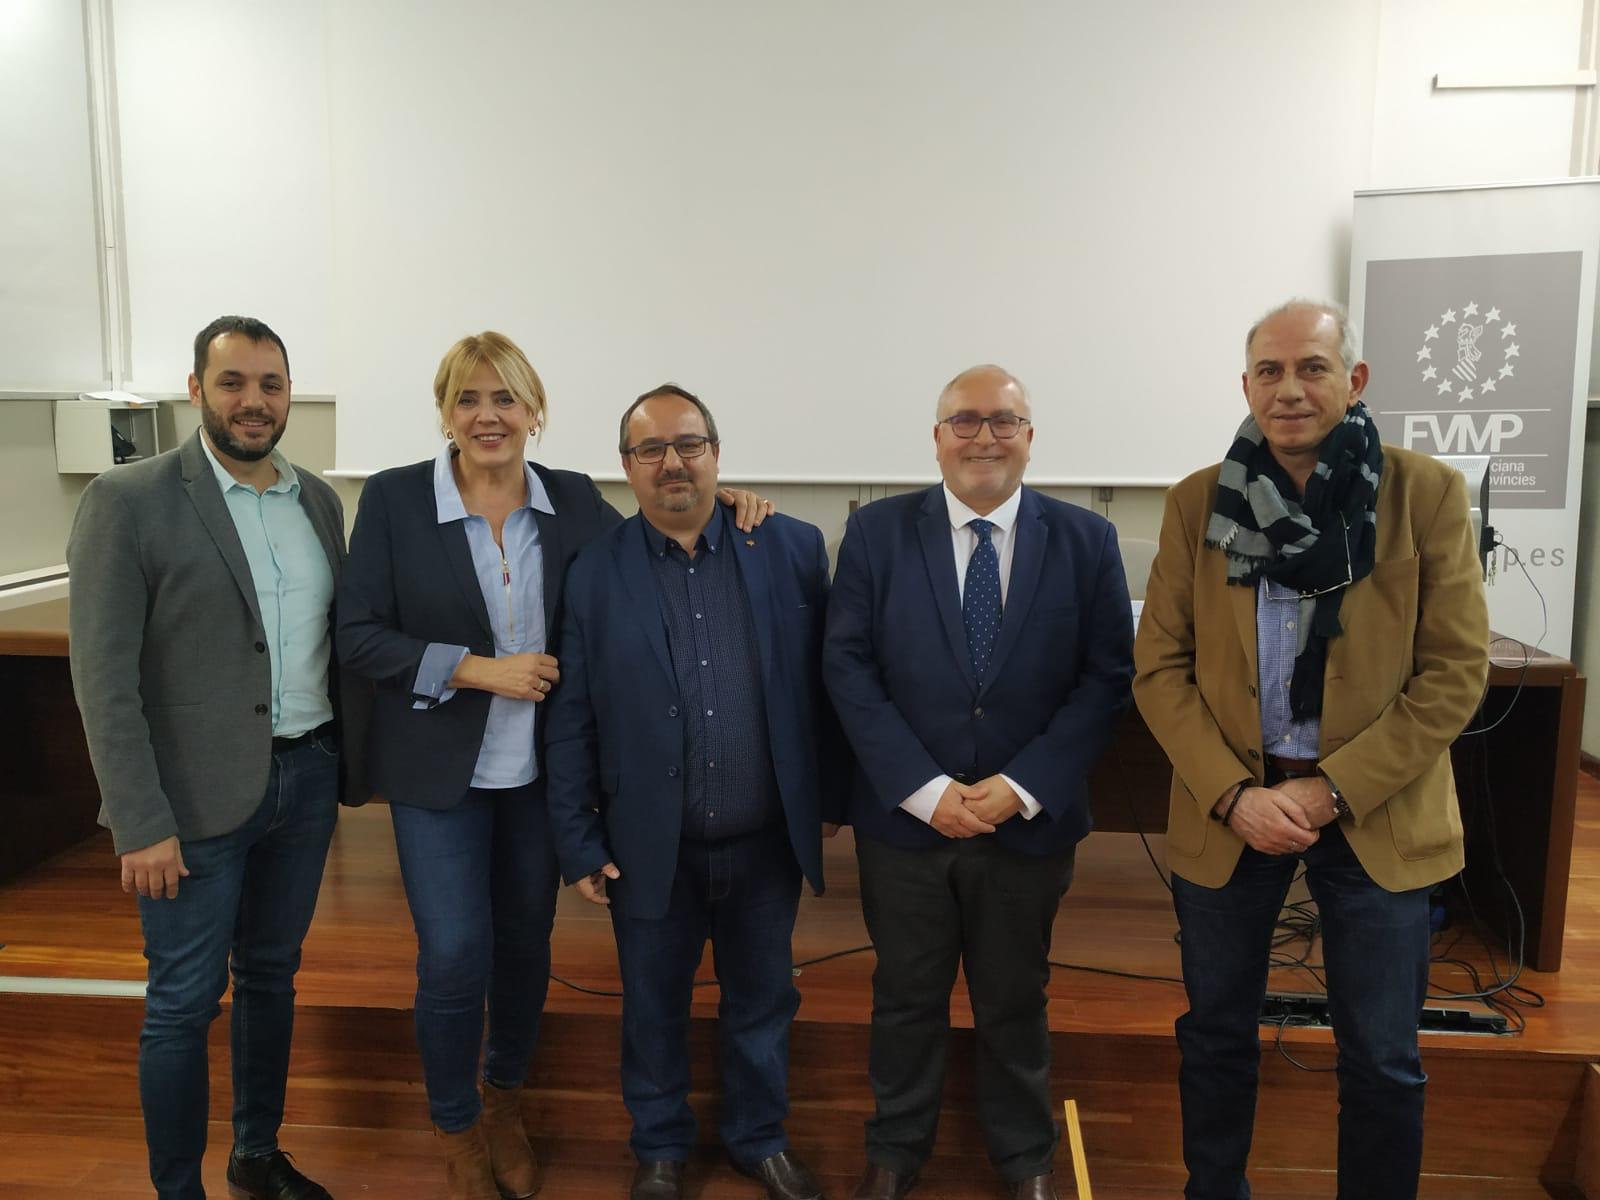 La Generalitat participa en el Fòrum de les Mancomunitats en el si de la Federació Valenciana de Municipis i Províncies